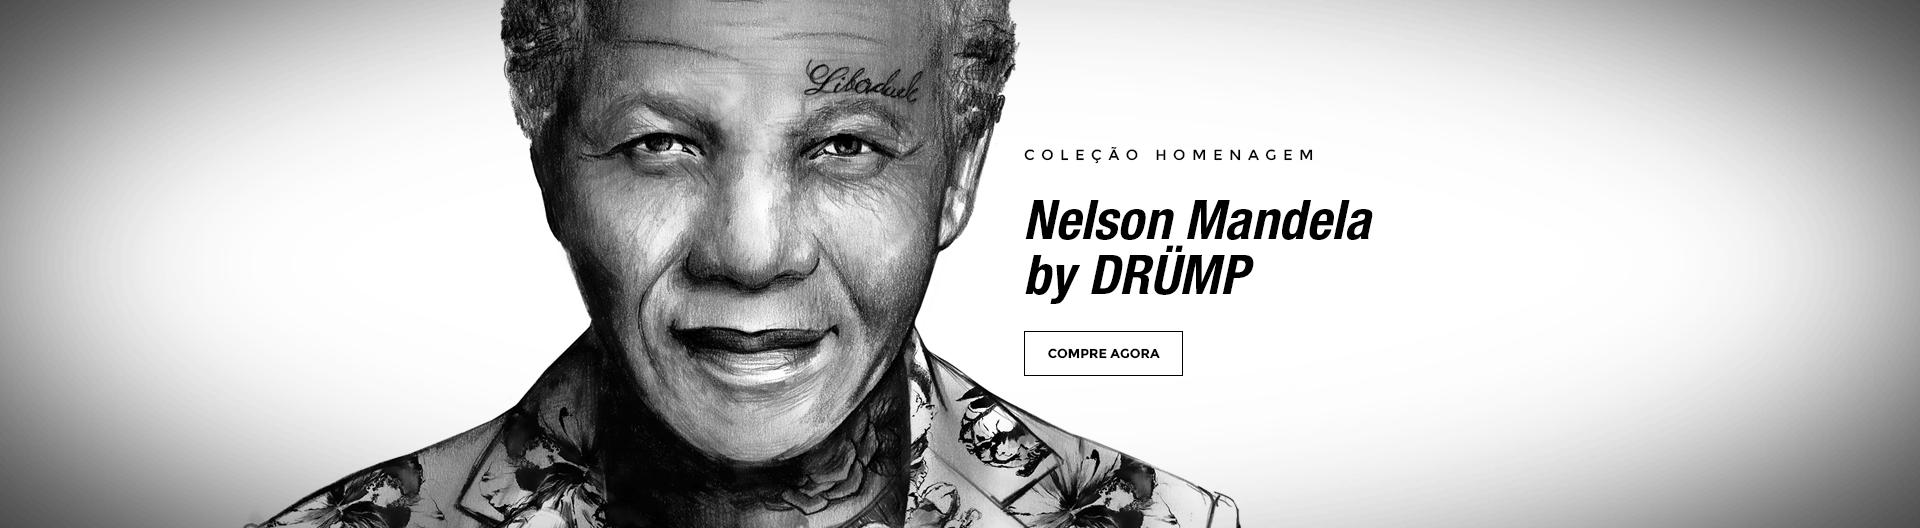 CAMISETA-DRUMP-NELSON-MANDELA-AUTHENTIC-CLOTHING-NIKE-ADIDAS-JORDAN-FUNK